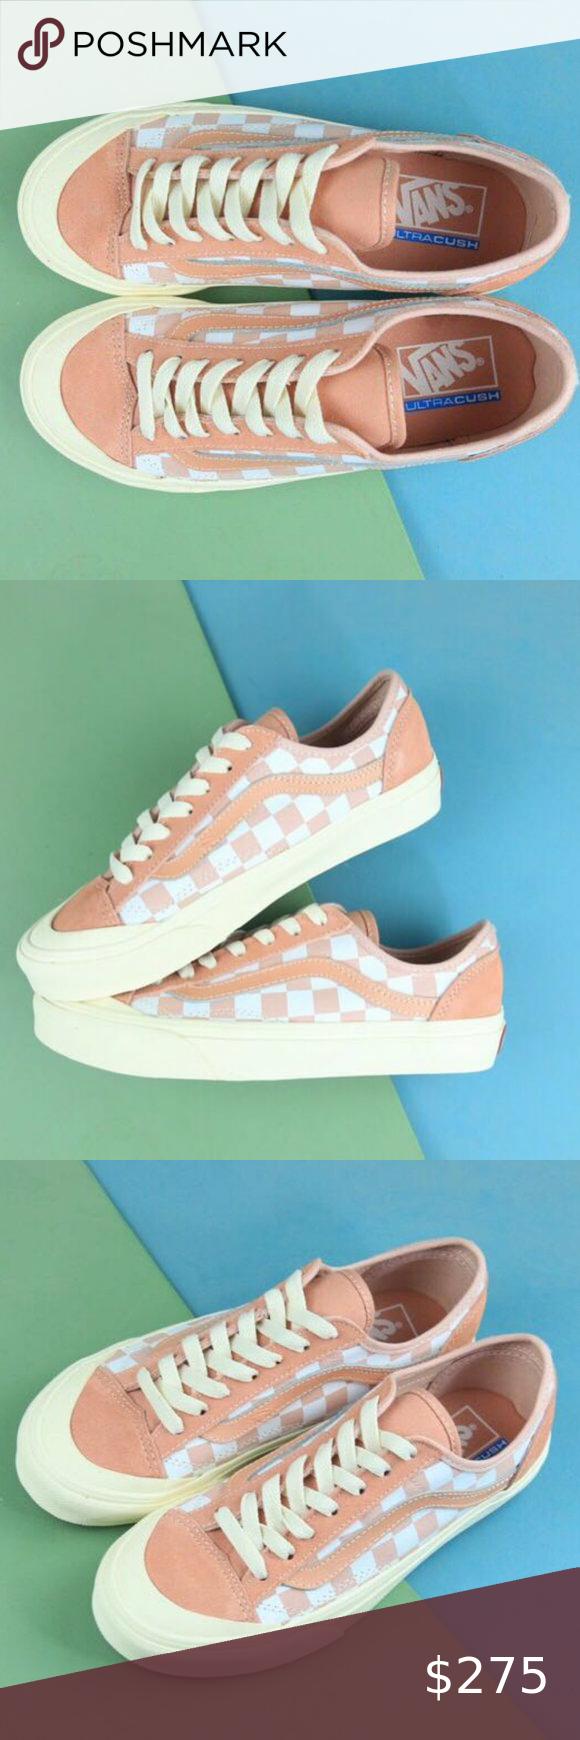 Vans sneakers shoes amazing Vans Shoes Sneakers | Sneakers shoes ...